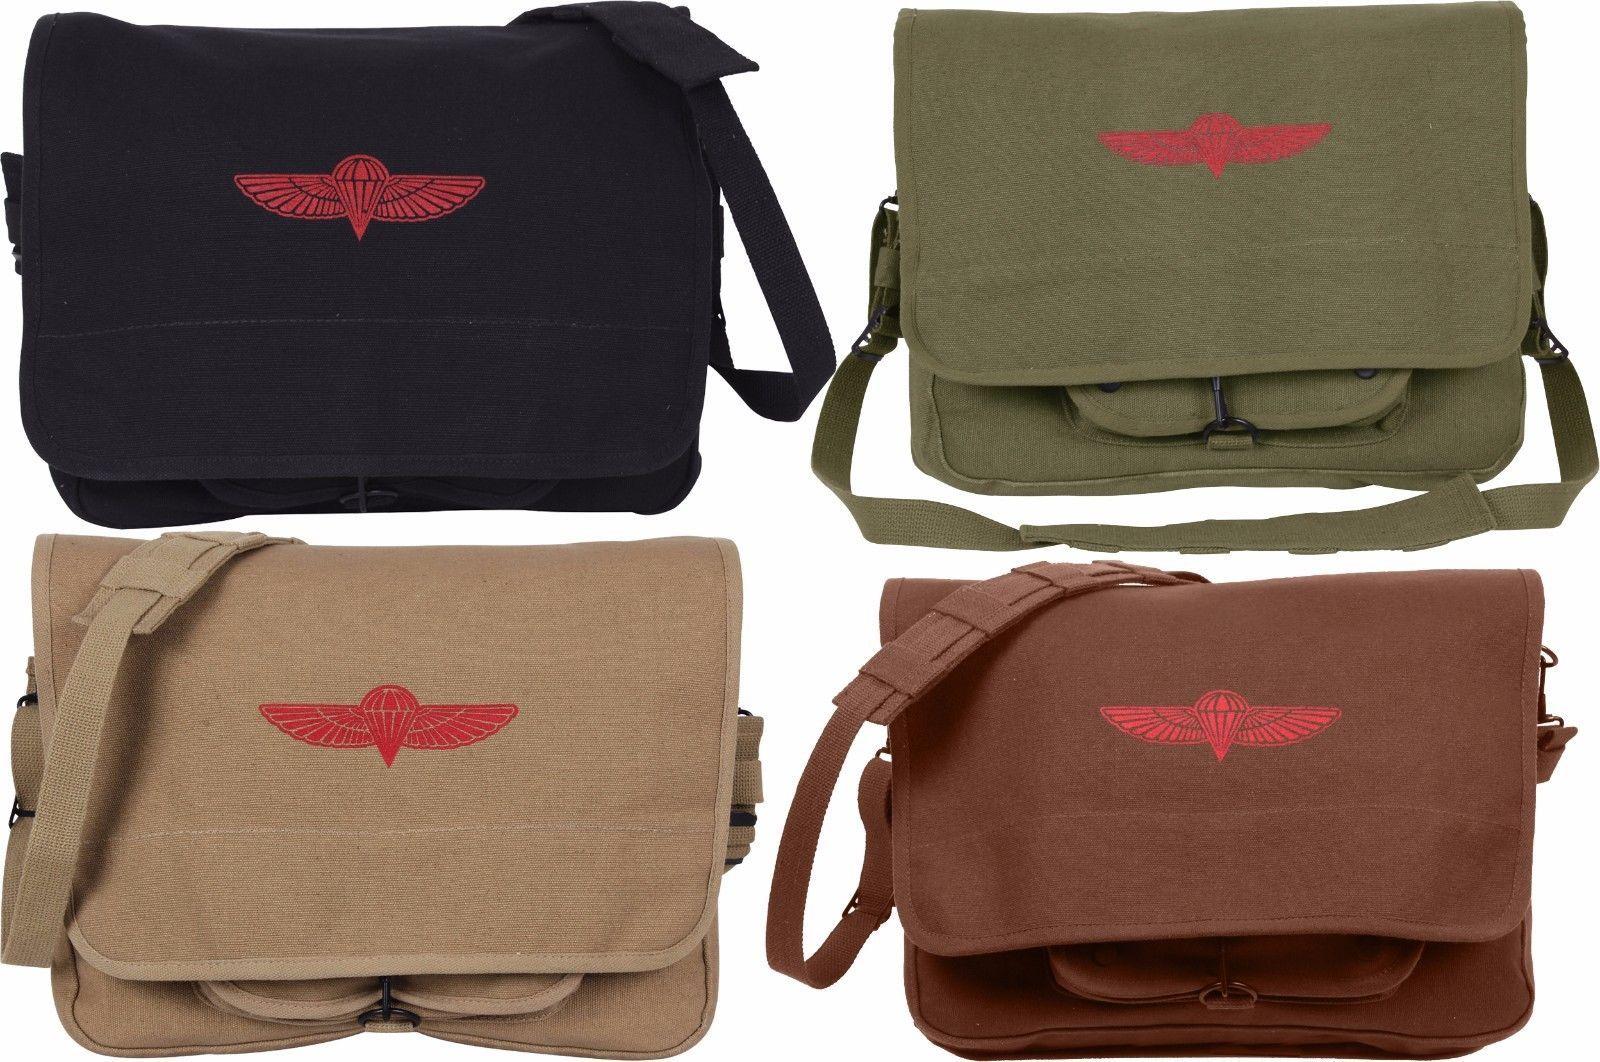 Rothco Belt Bags  ebay  Fashion  8922783ad26